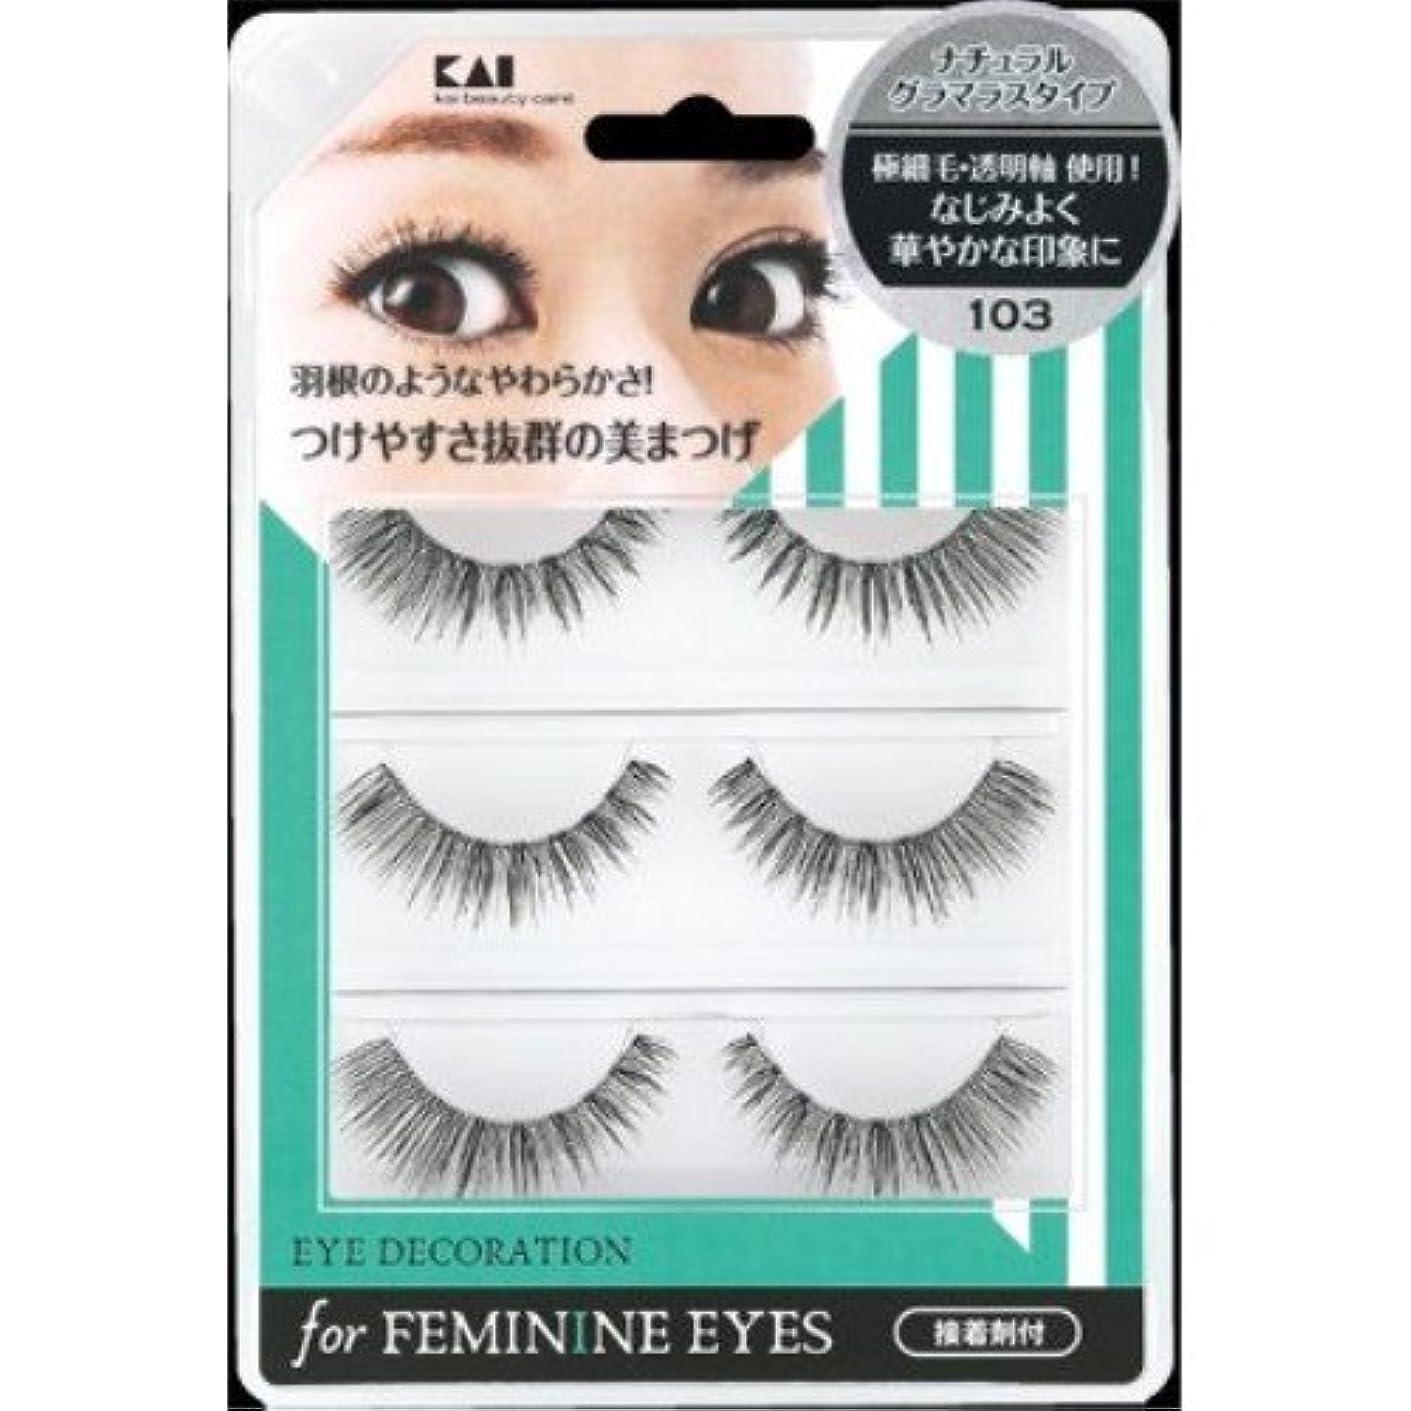 実験祝う静める貝印 アイデコレーション for feminine eyes 103 HC1557